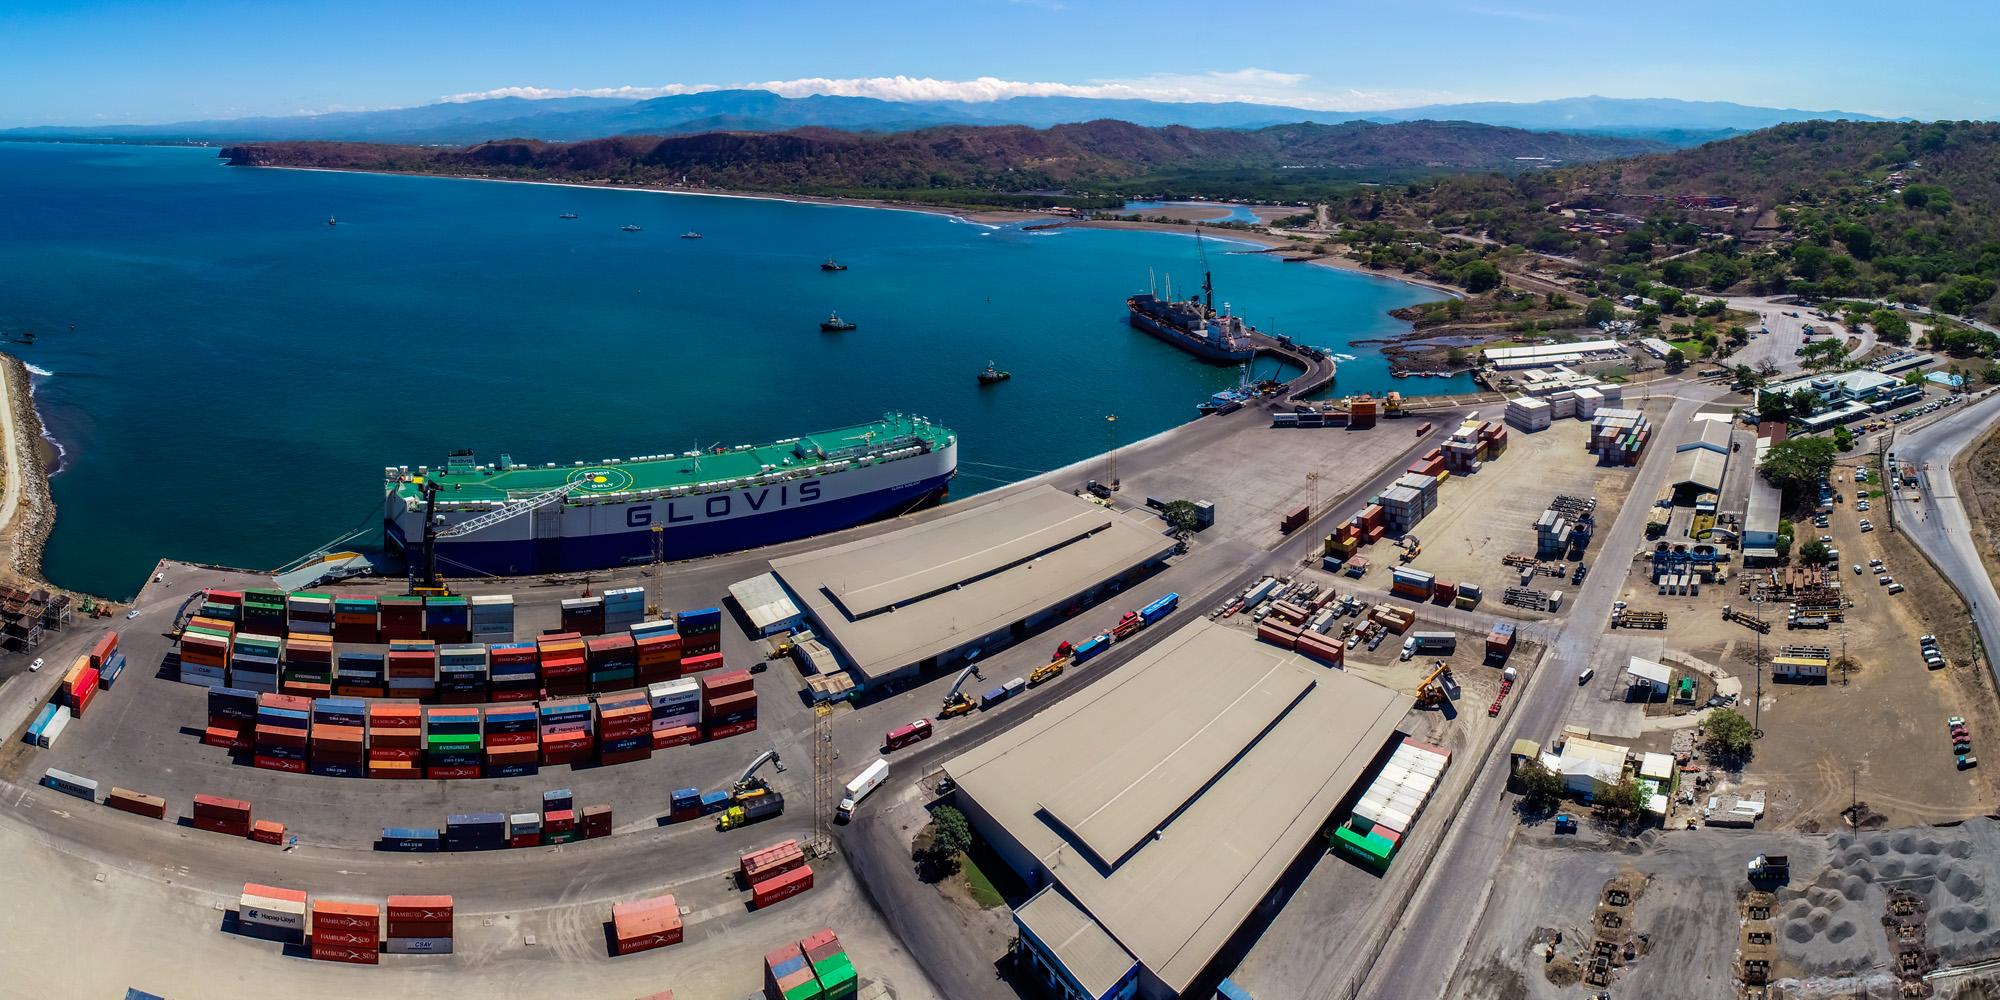 Puerto Caldera